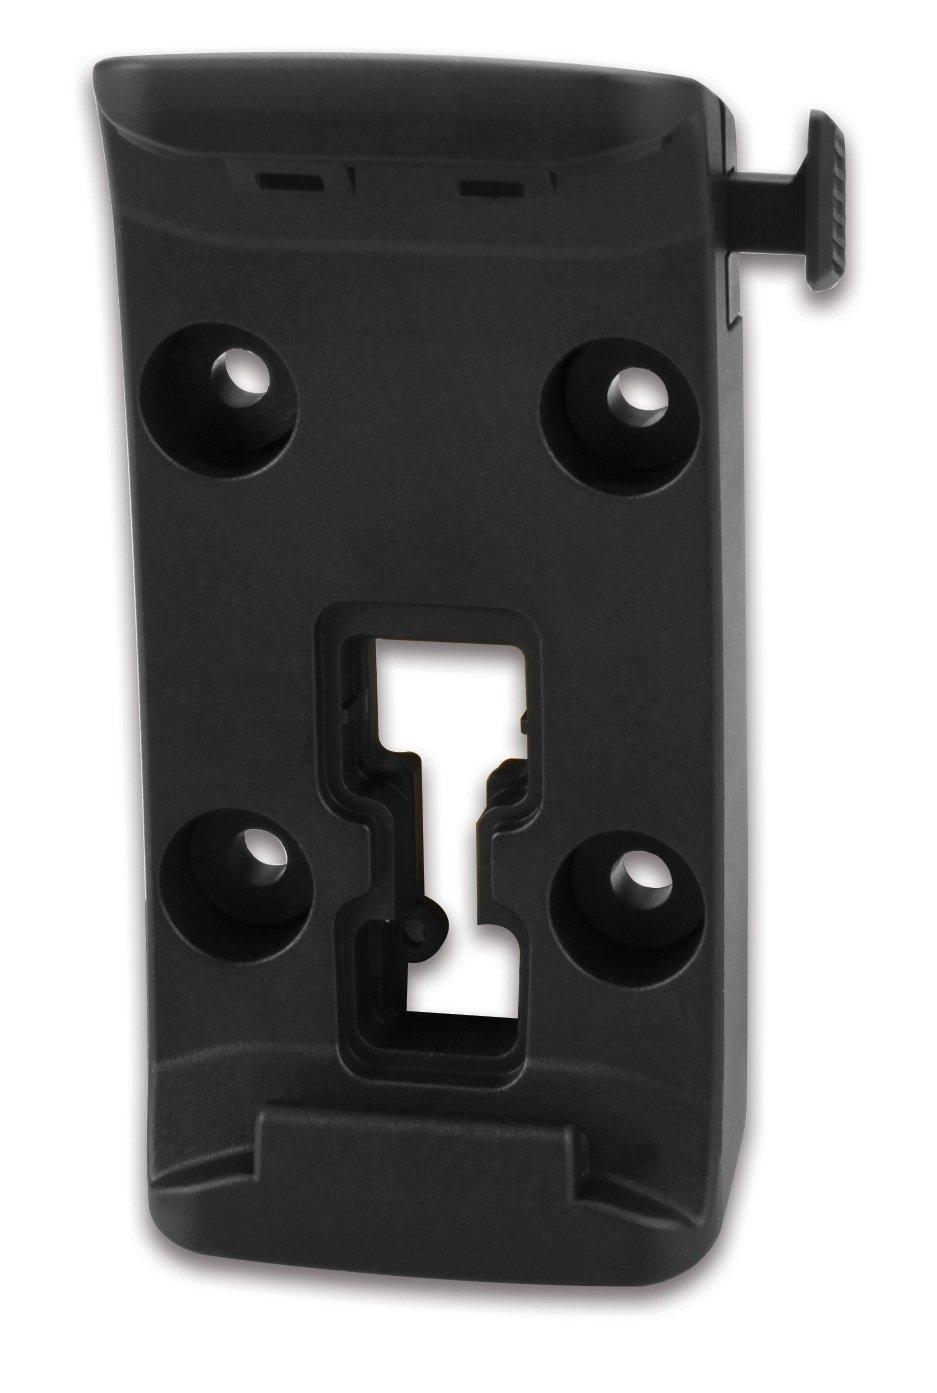 GARMIN-Motorradhalterung-zumo-3X0-kompatibel-mit-Allen-zumo-3X0-Navigationsgerten